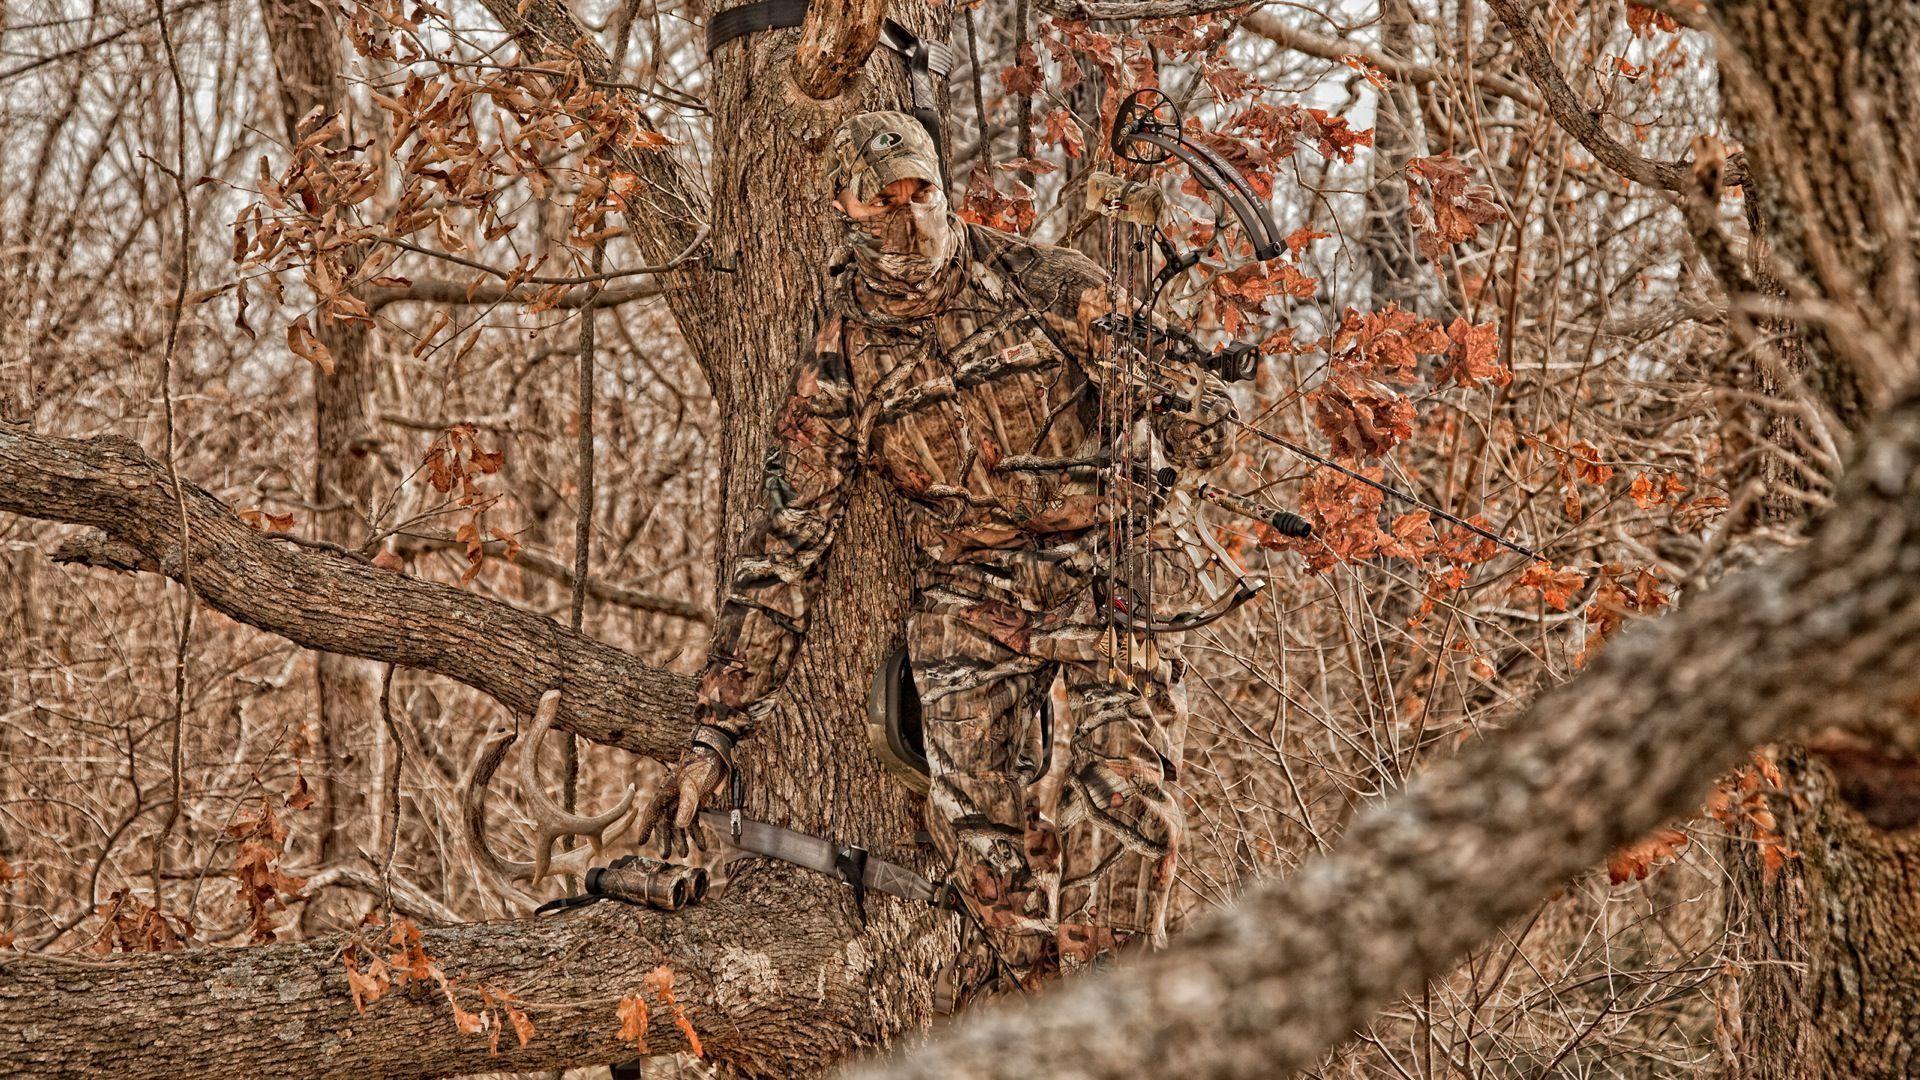 Camo Deer Wallpapers 45 Images